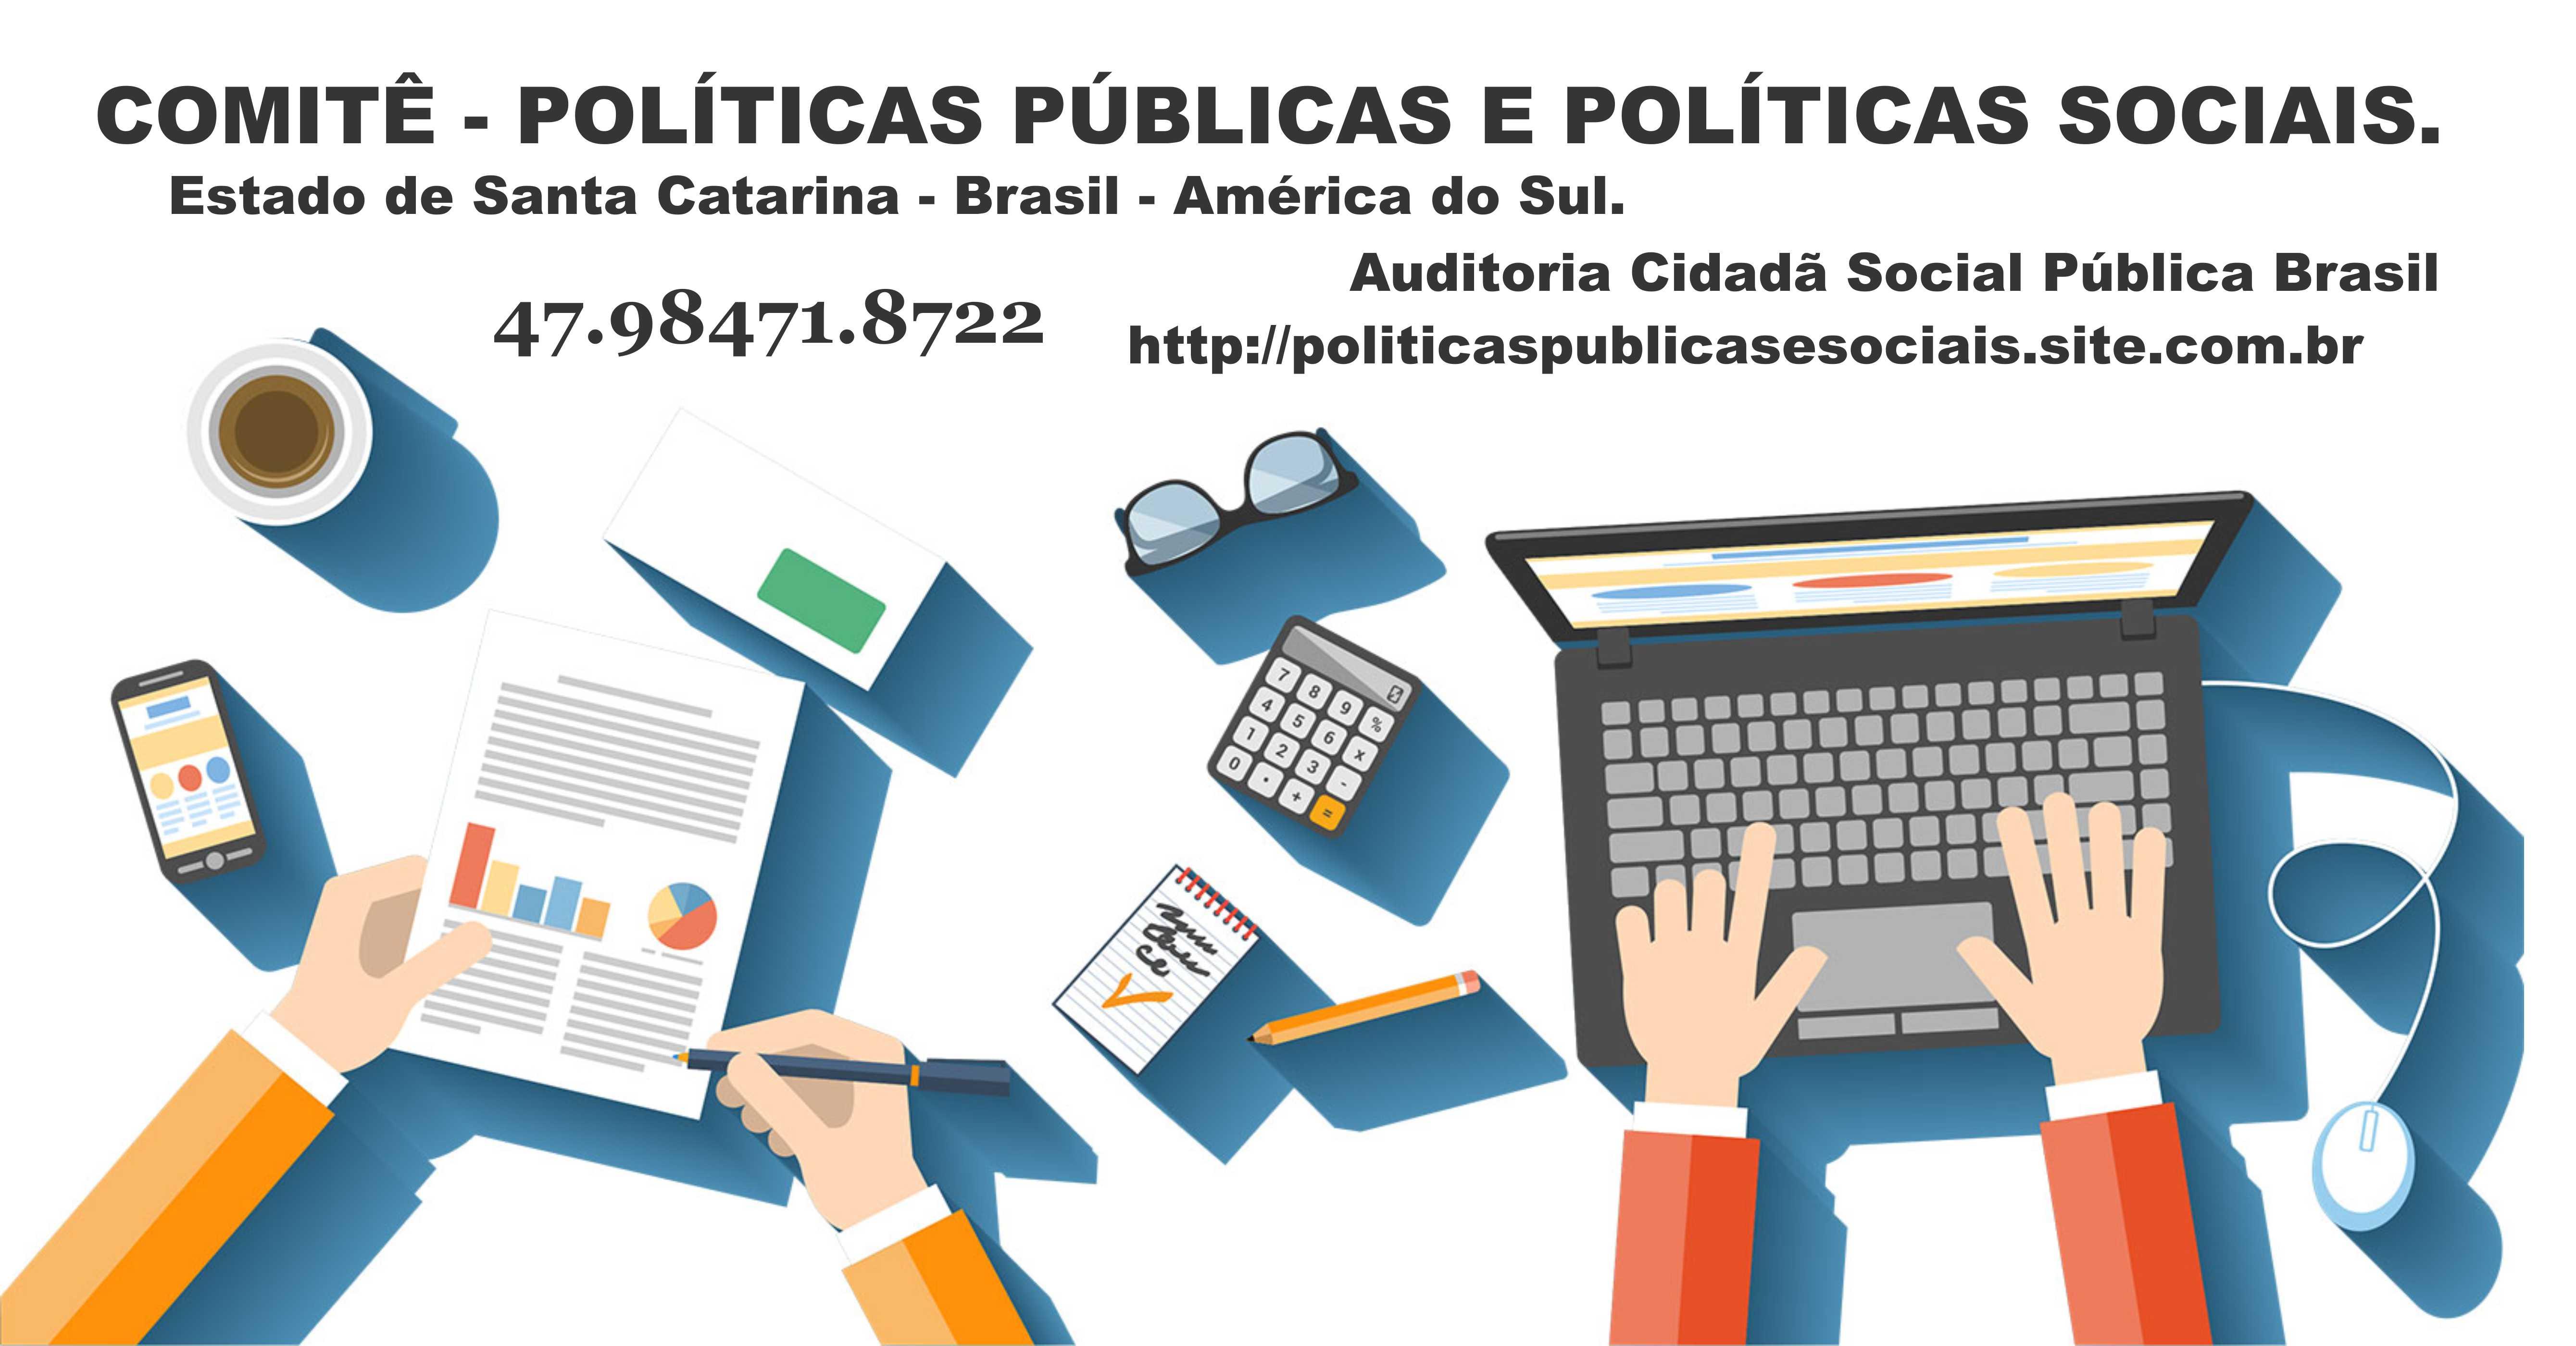 Comitê Políticas Públicas e Políticas Sociais Brasil